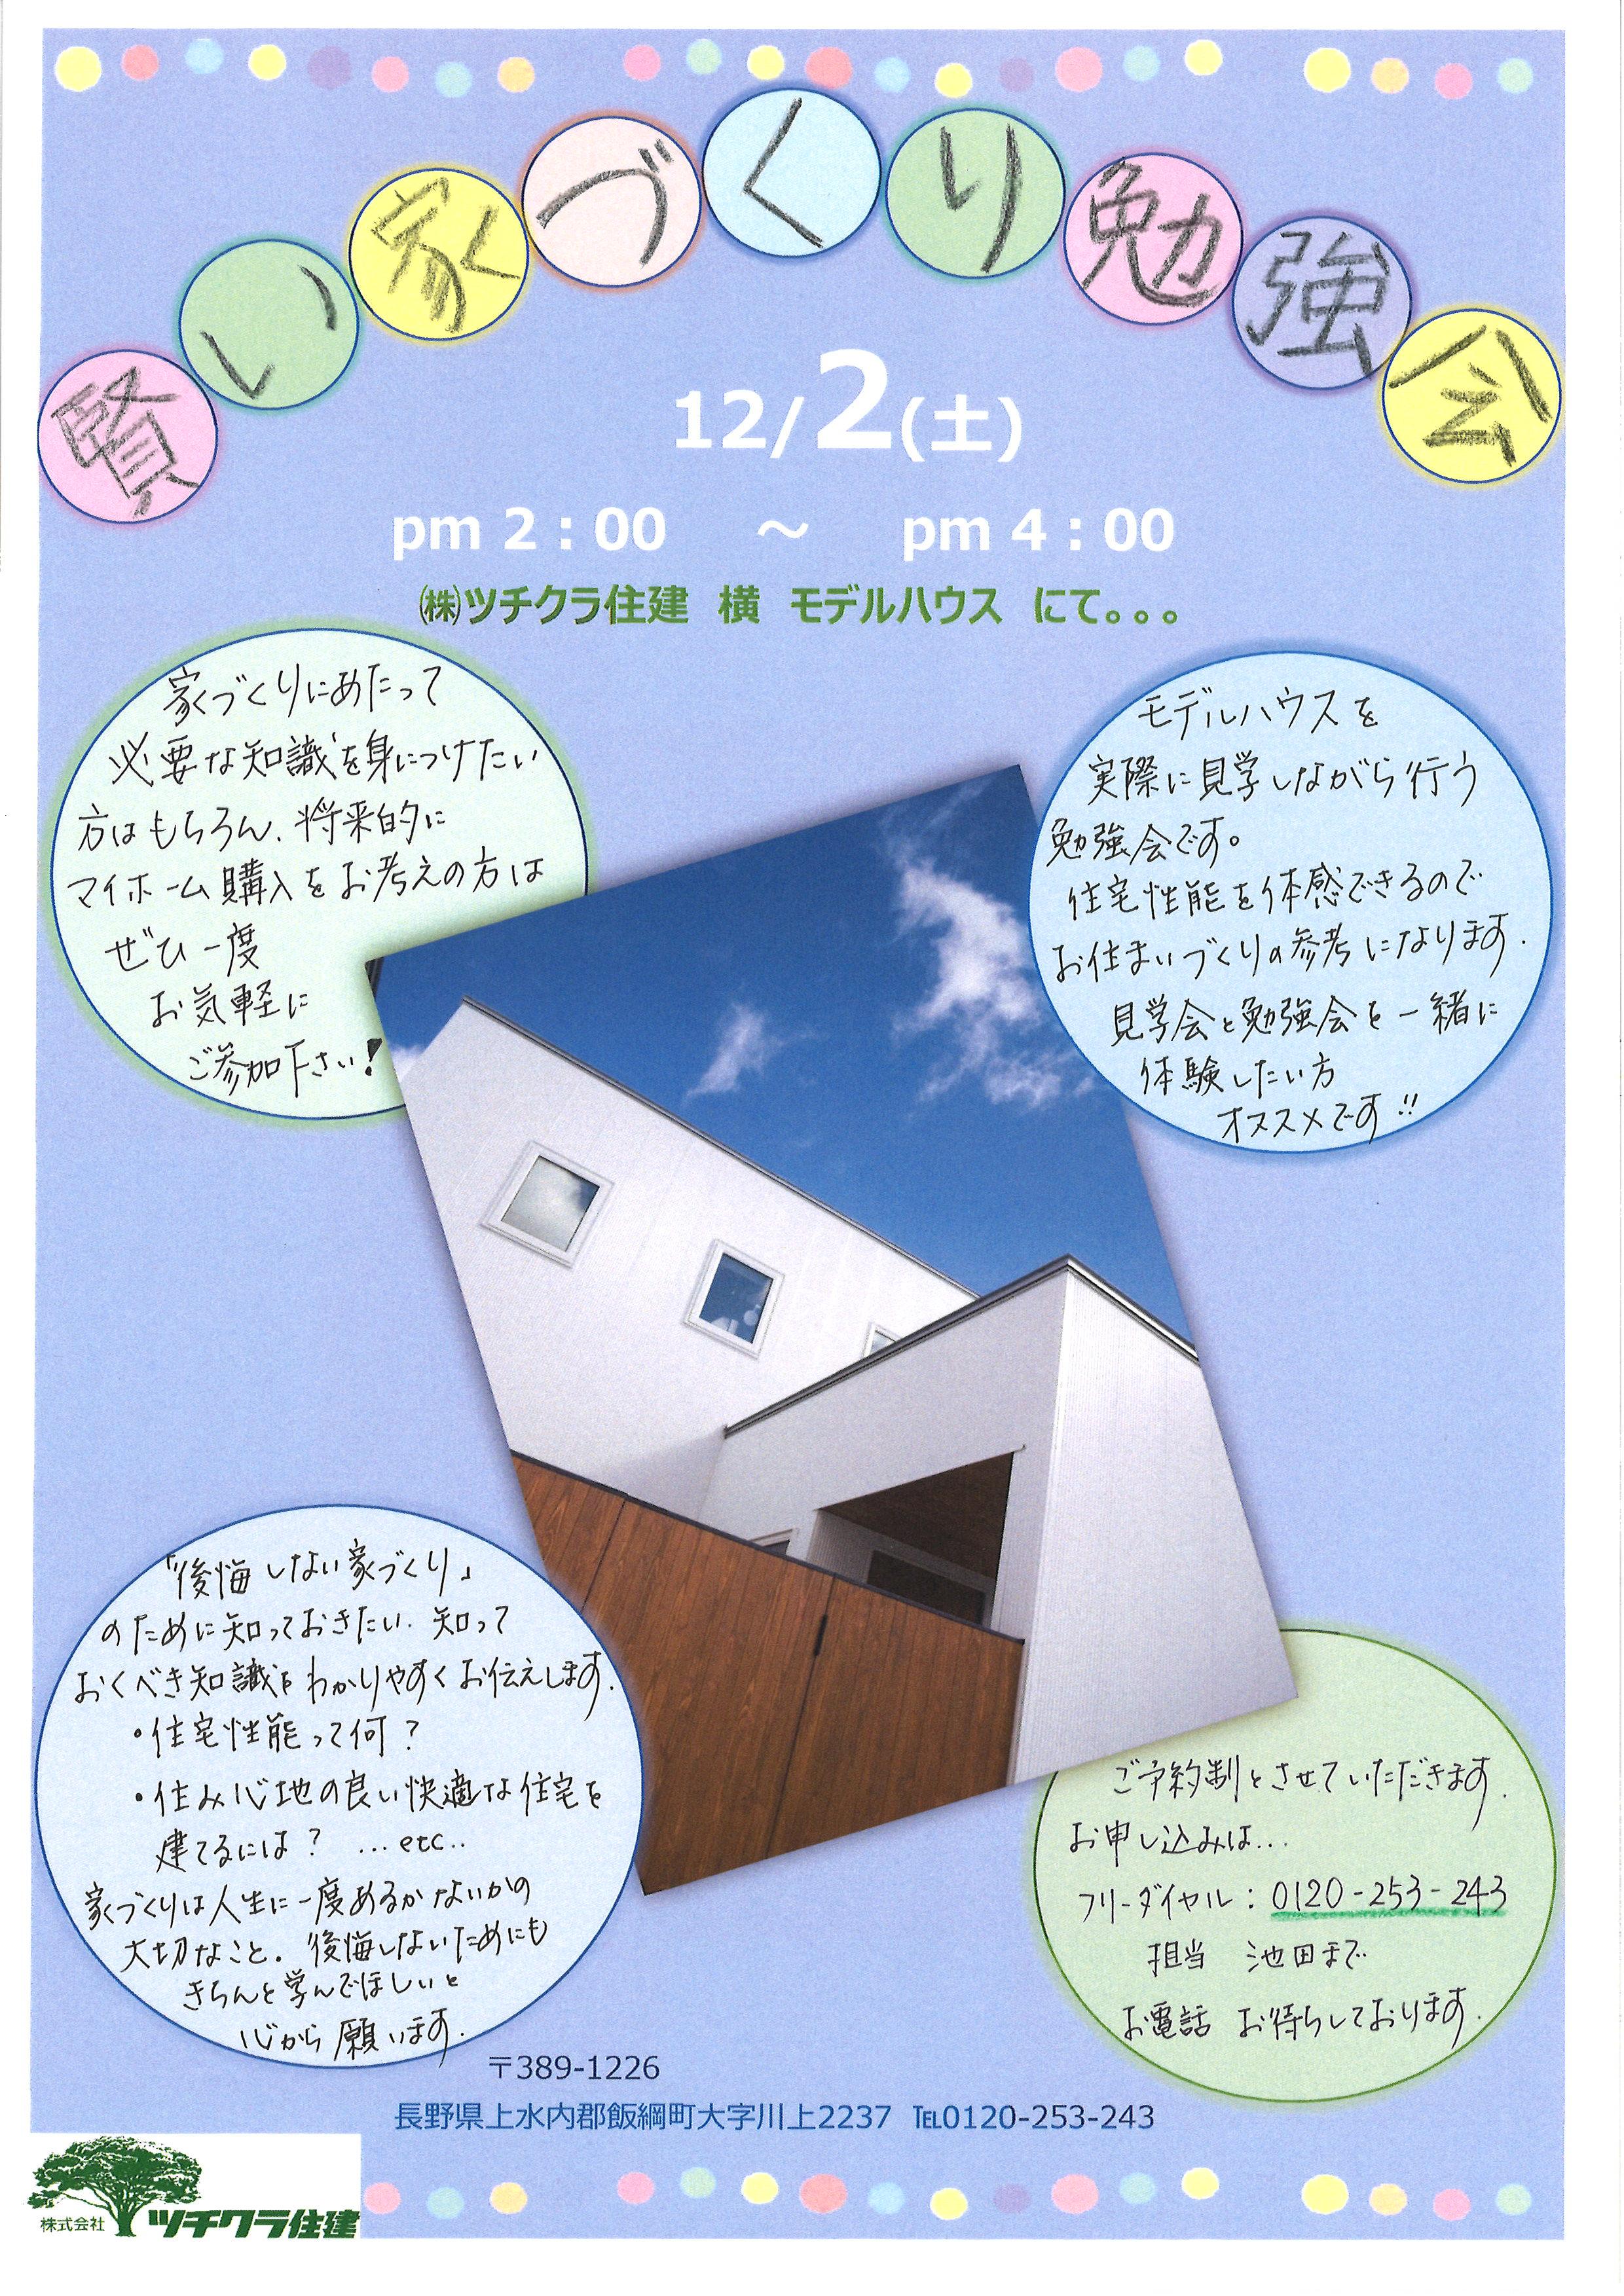 第11回 賢い家づくり勉強会